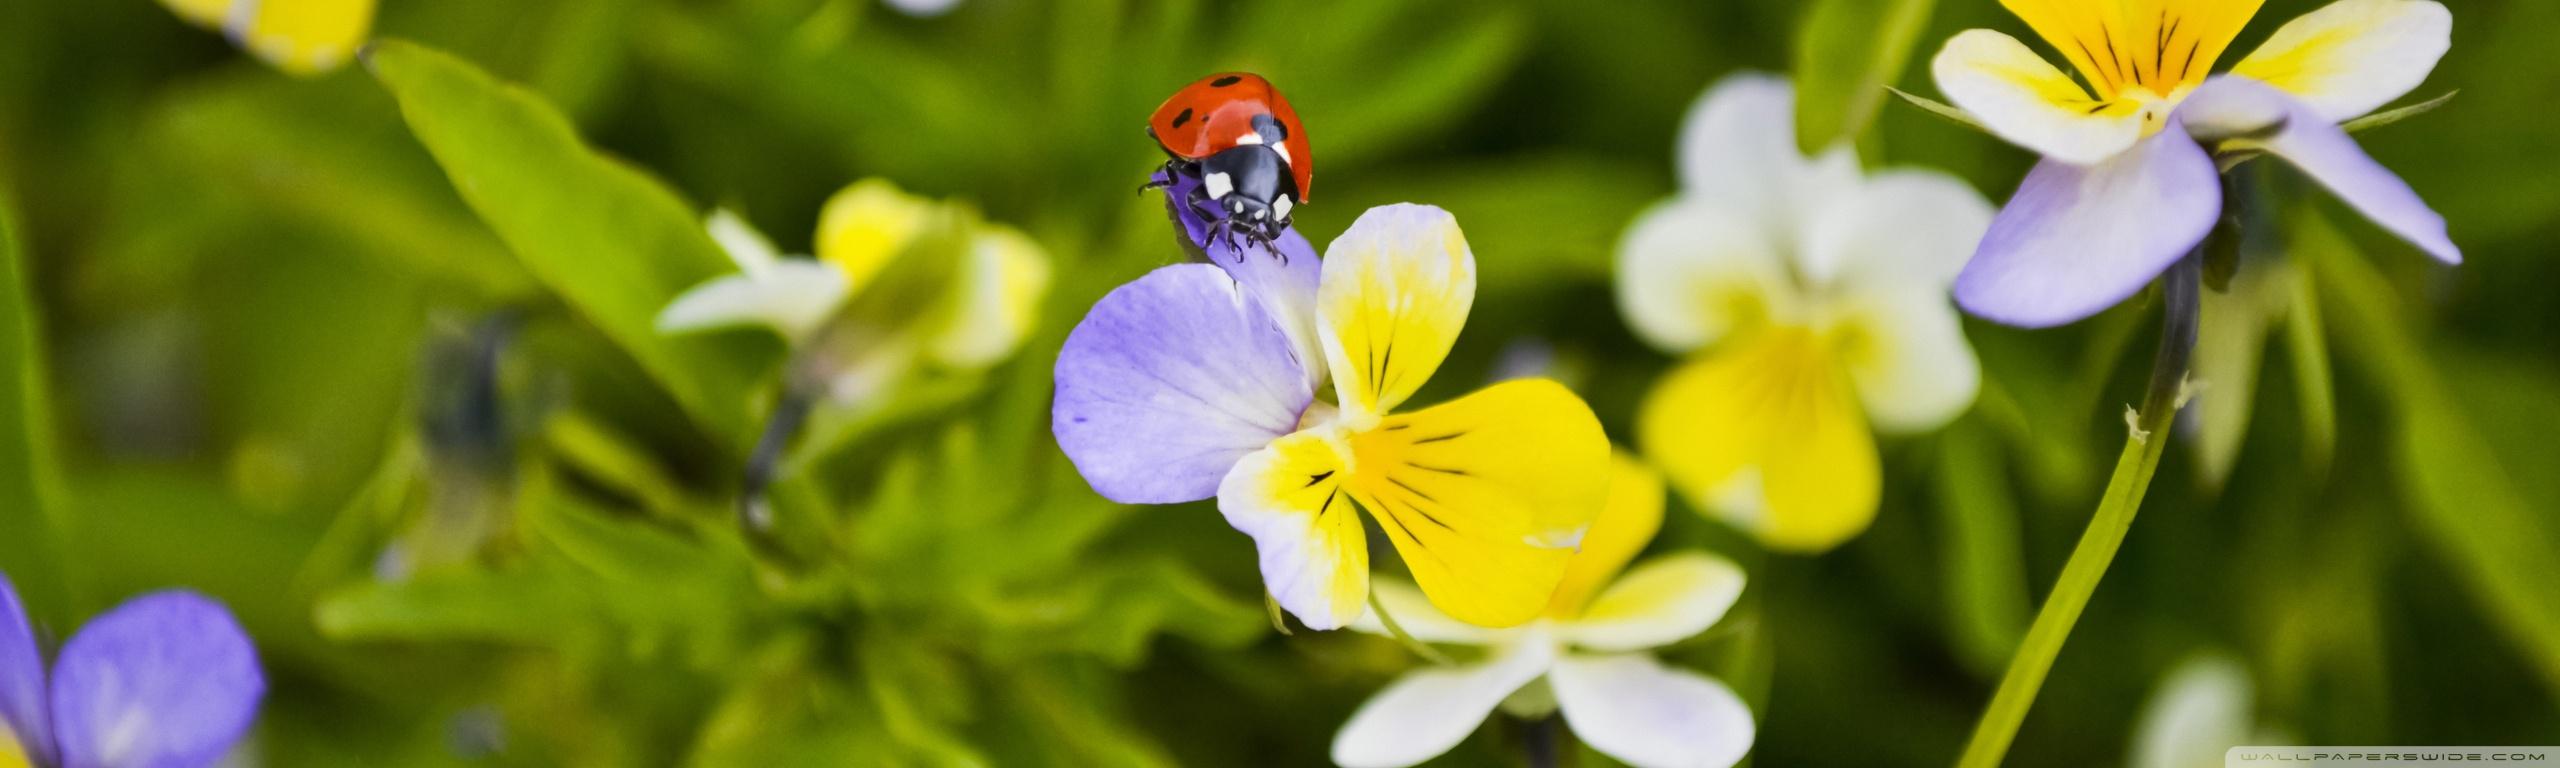 ladybug on a pansy wallpapers